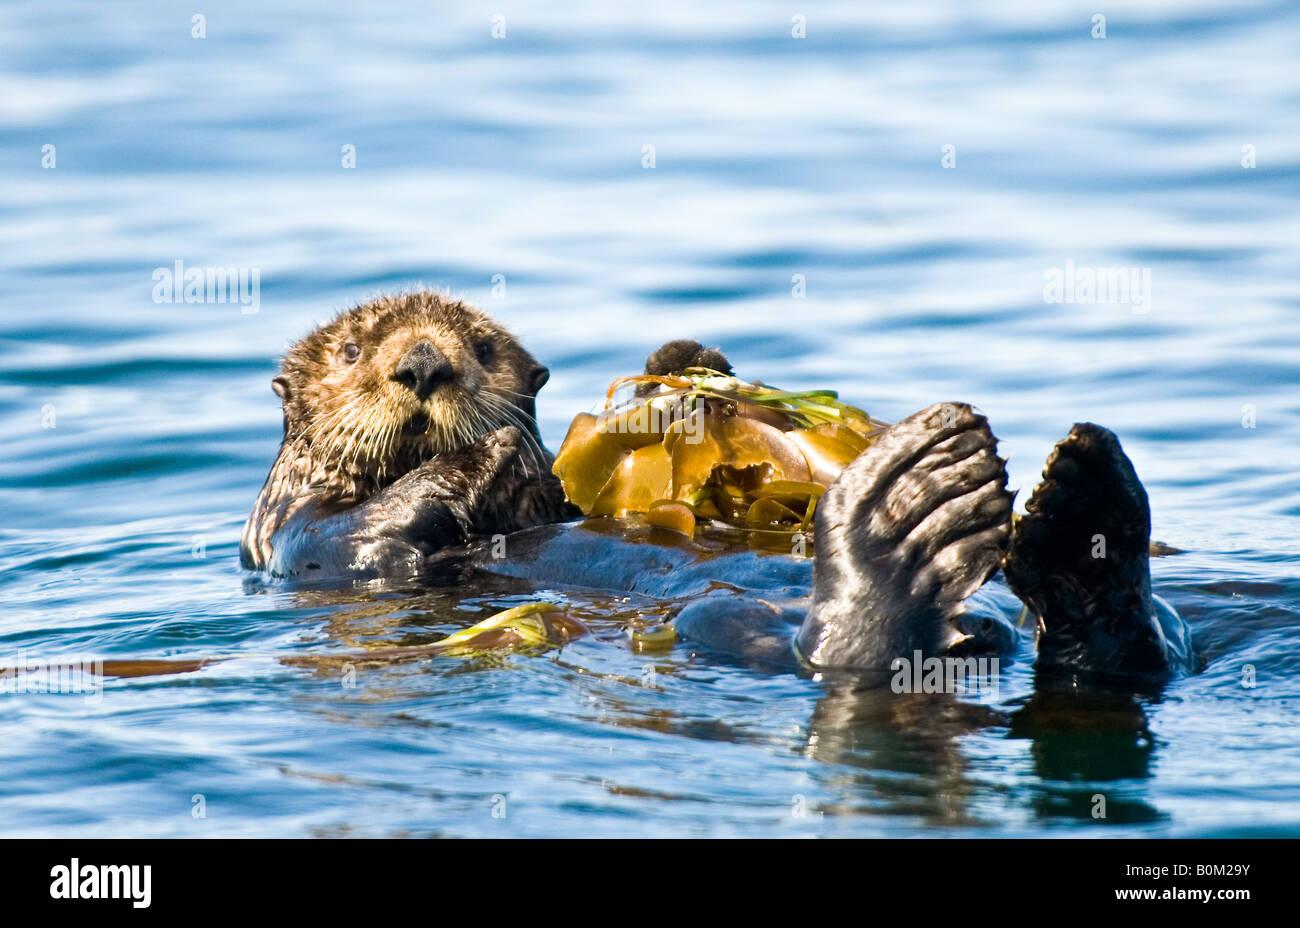 Estados Unidos Alaska nutria de mar descansando sobre la cama de algas en el océano Foto de stock